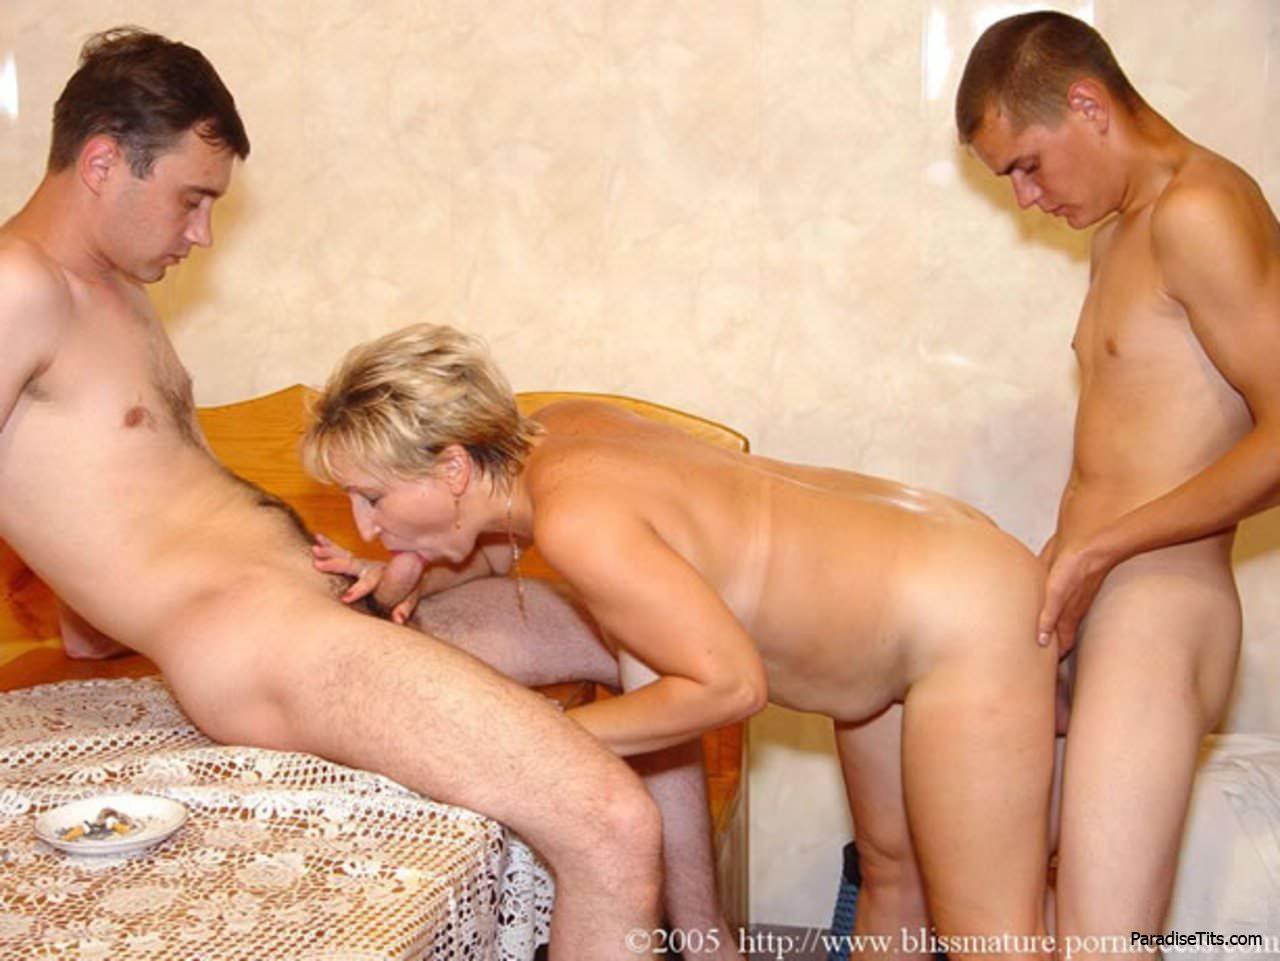 старые бабы в сауне заказали молодых парней - 6